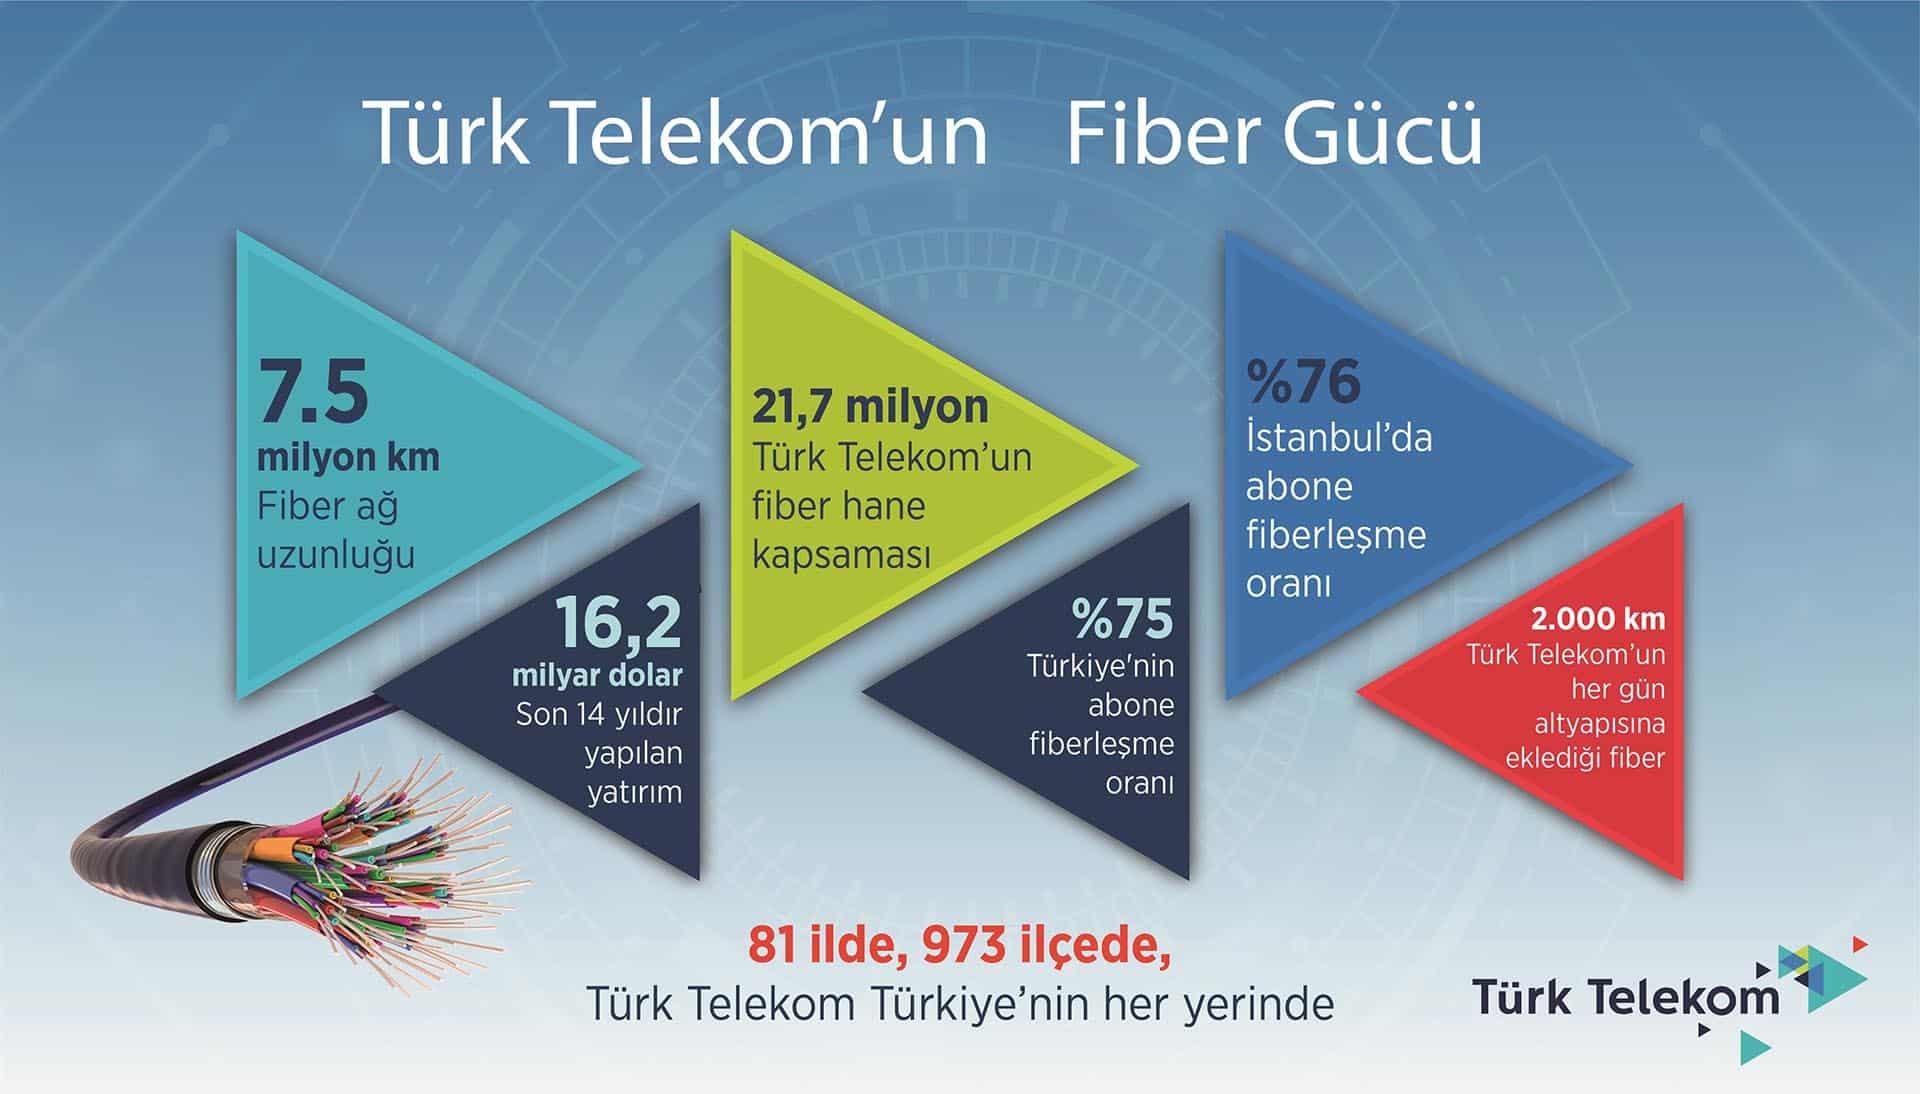 türk telekom fiber istatistikleri